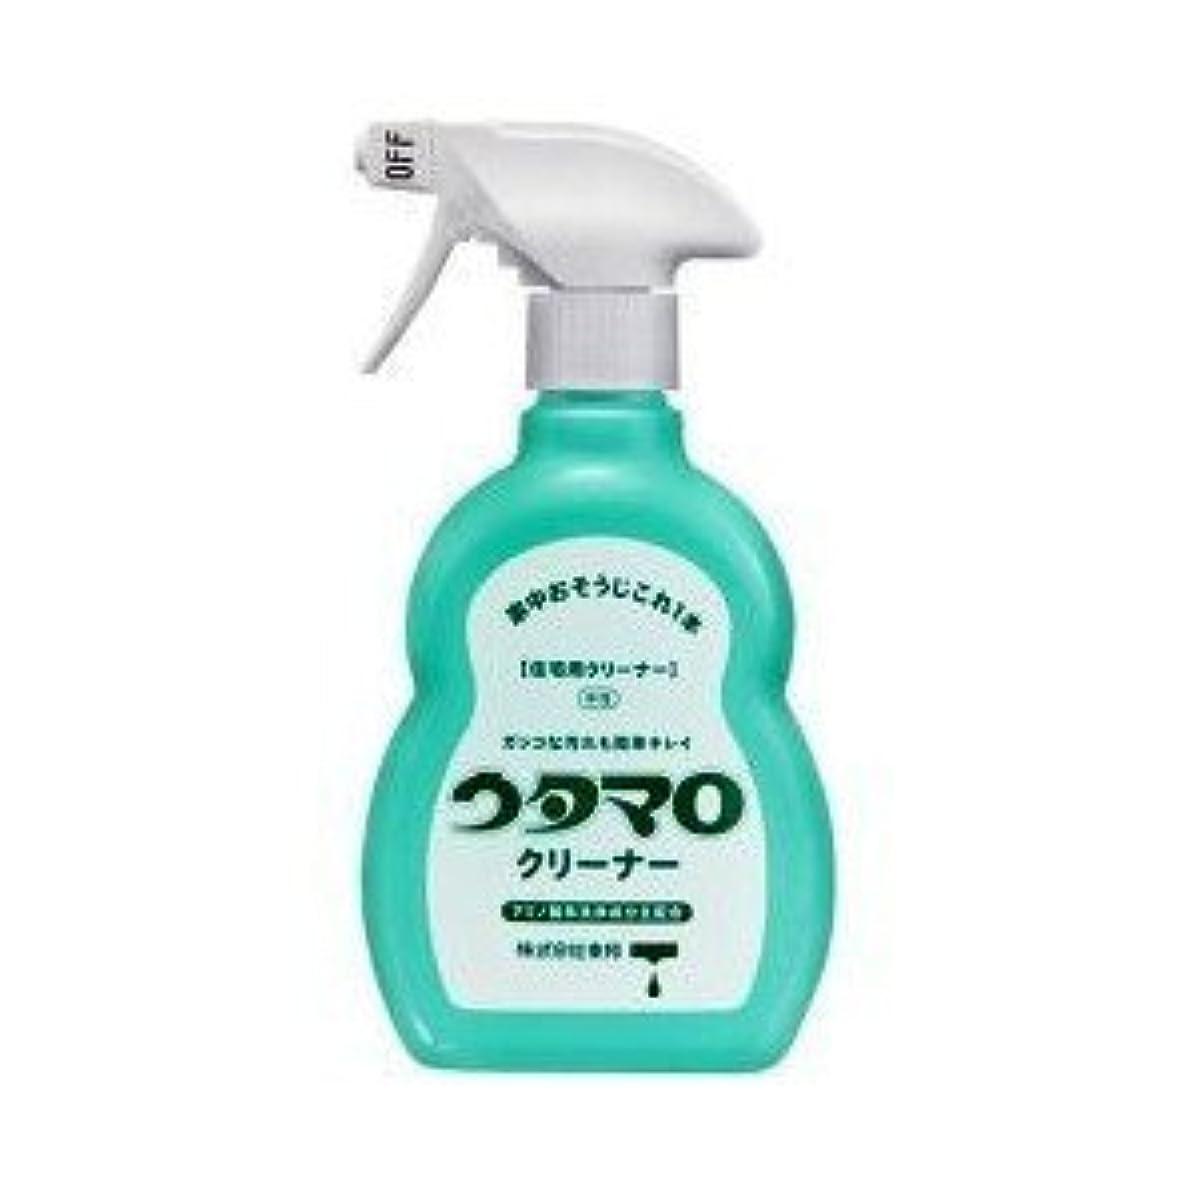 スケジュールにはまってボランティアウタマロ クリーナー 400ml 洗剤 住居用 アミノ酸系洗浄成分主配合 さわやかなグリーンハーブの香り